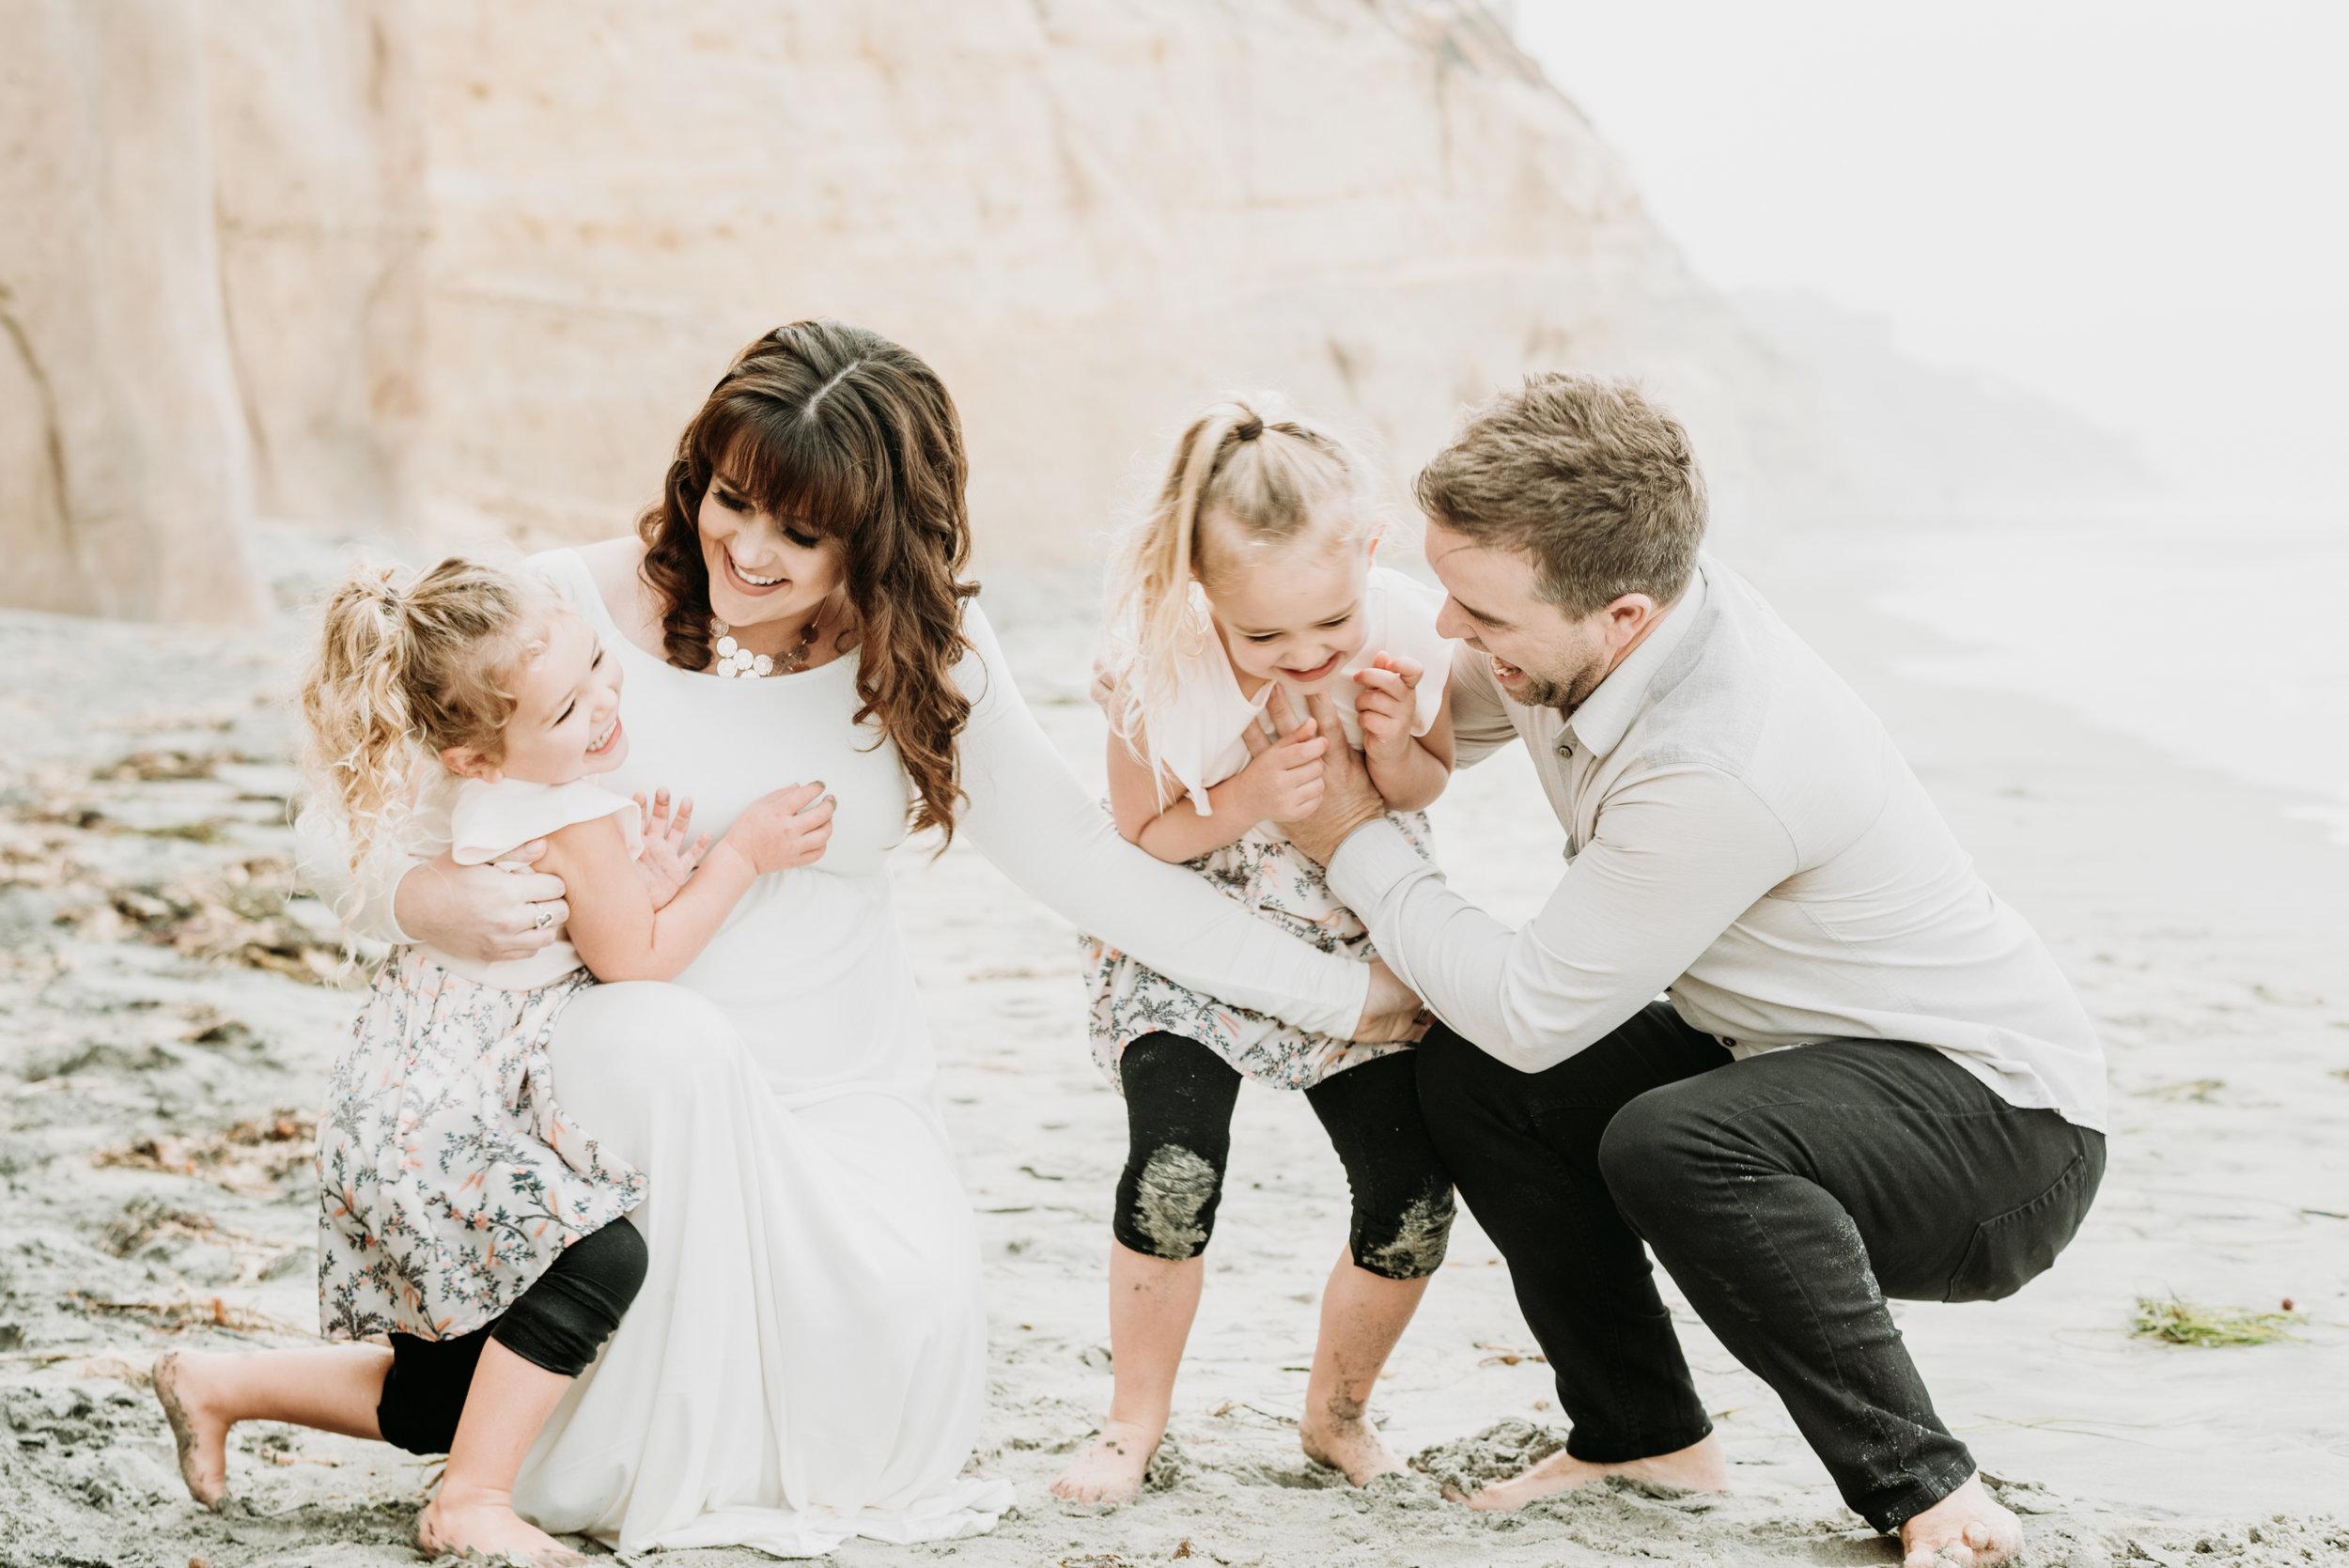 San Diego Maternity Photo Shoot | Solana Beach | Ernie & Fiona